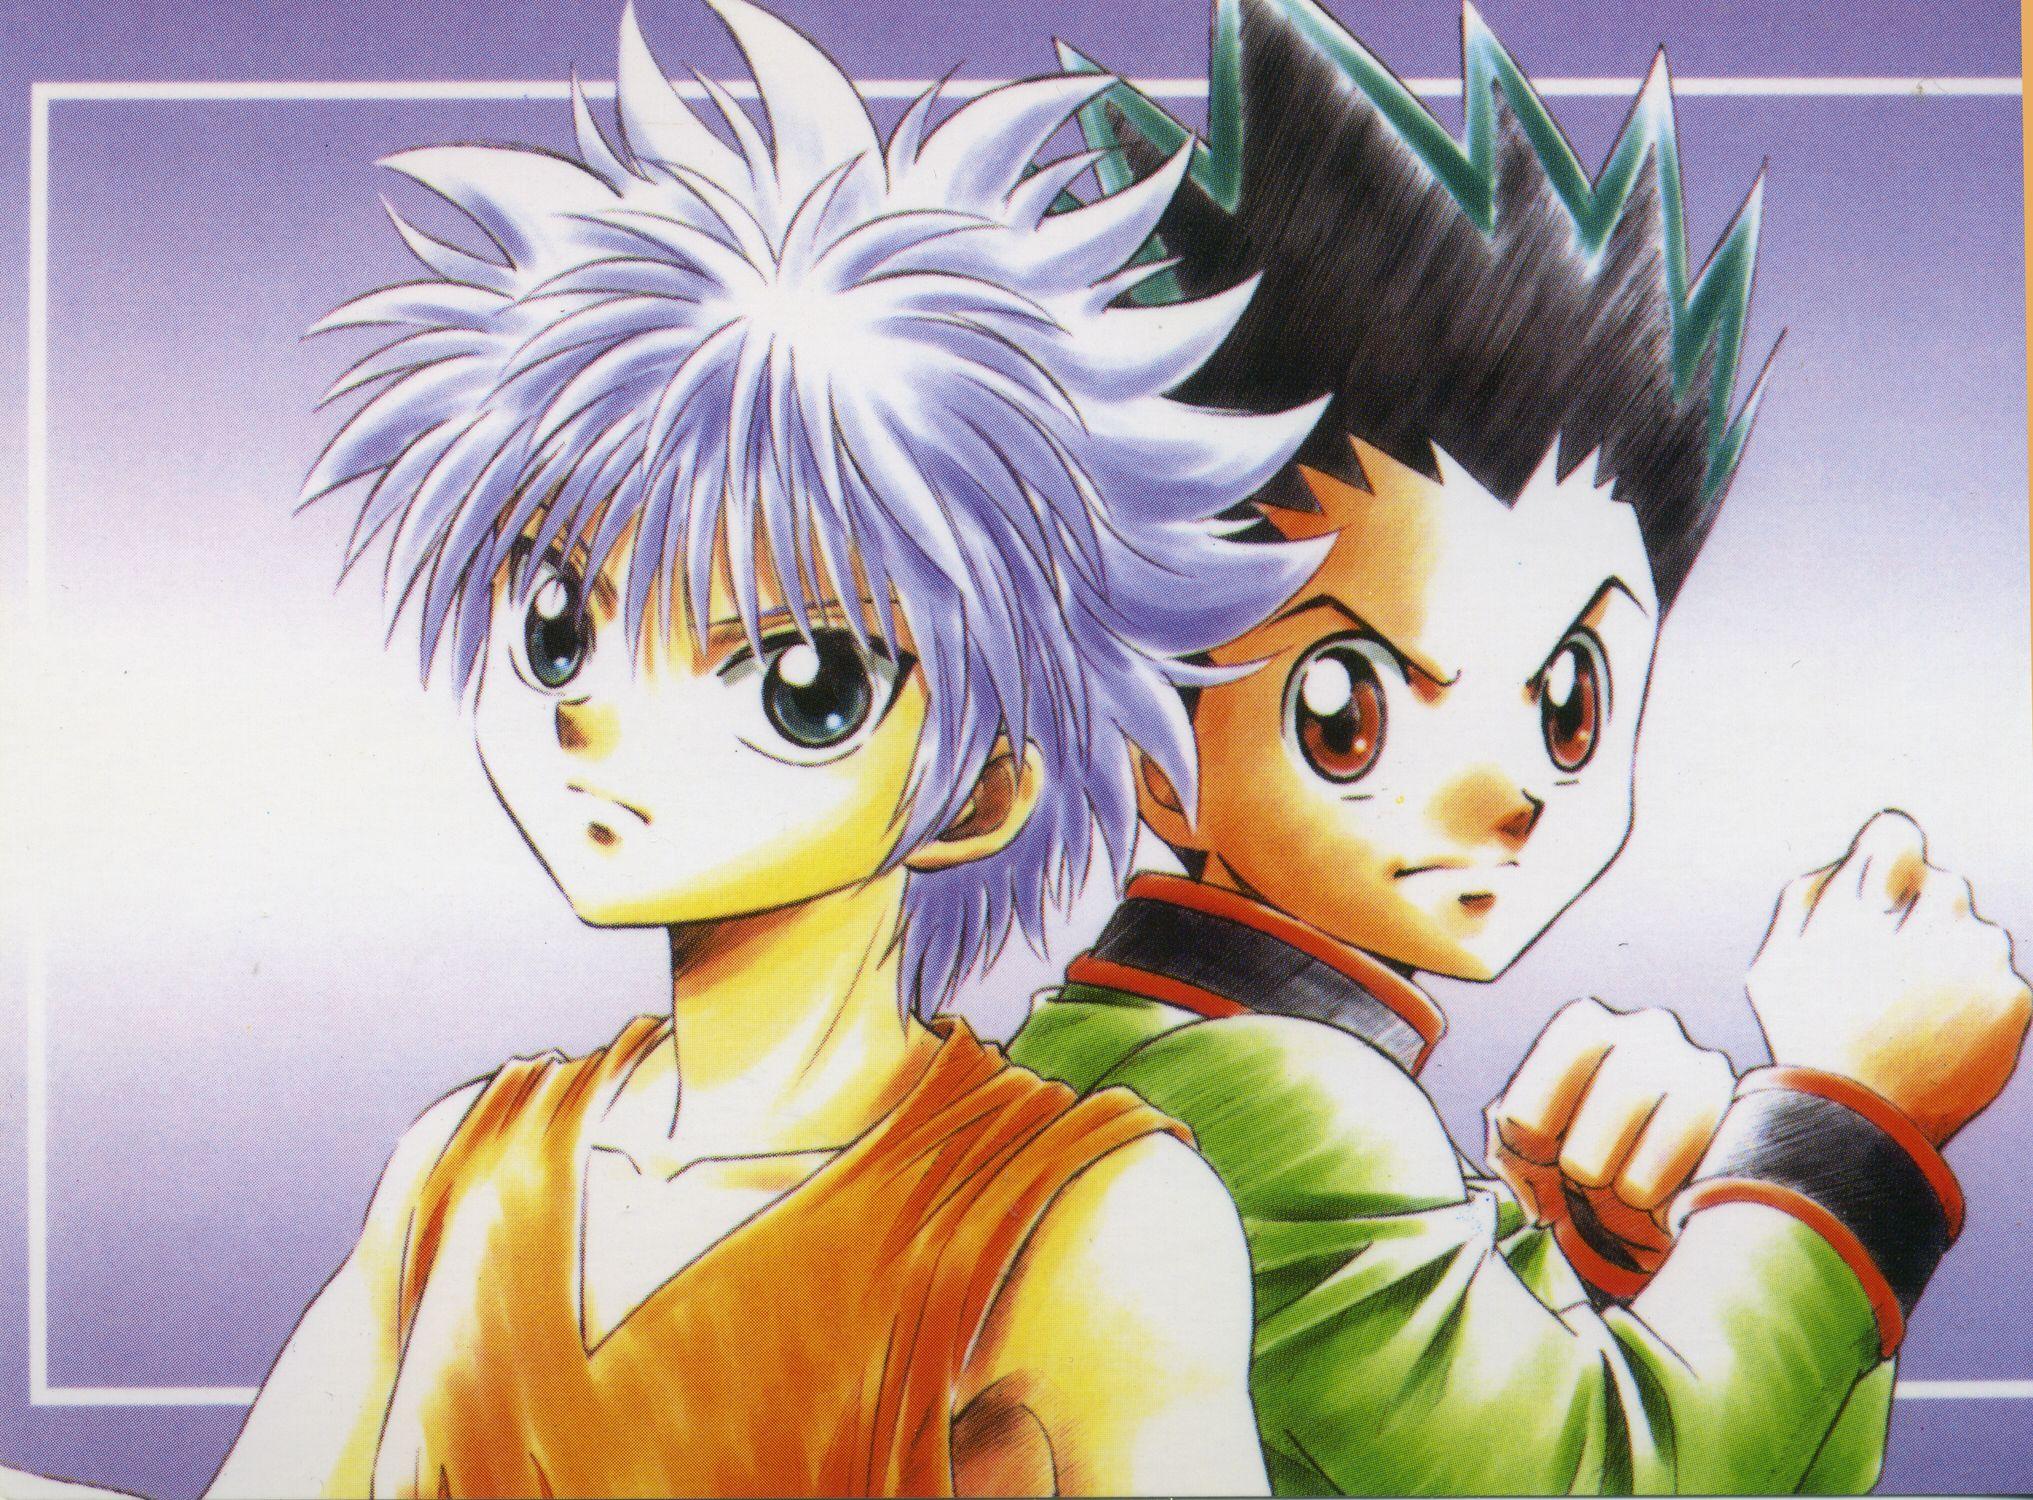 killua x gon hunter x hunter Anime Love + Manga